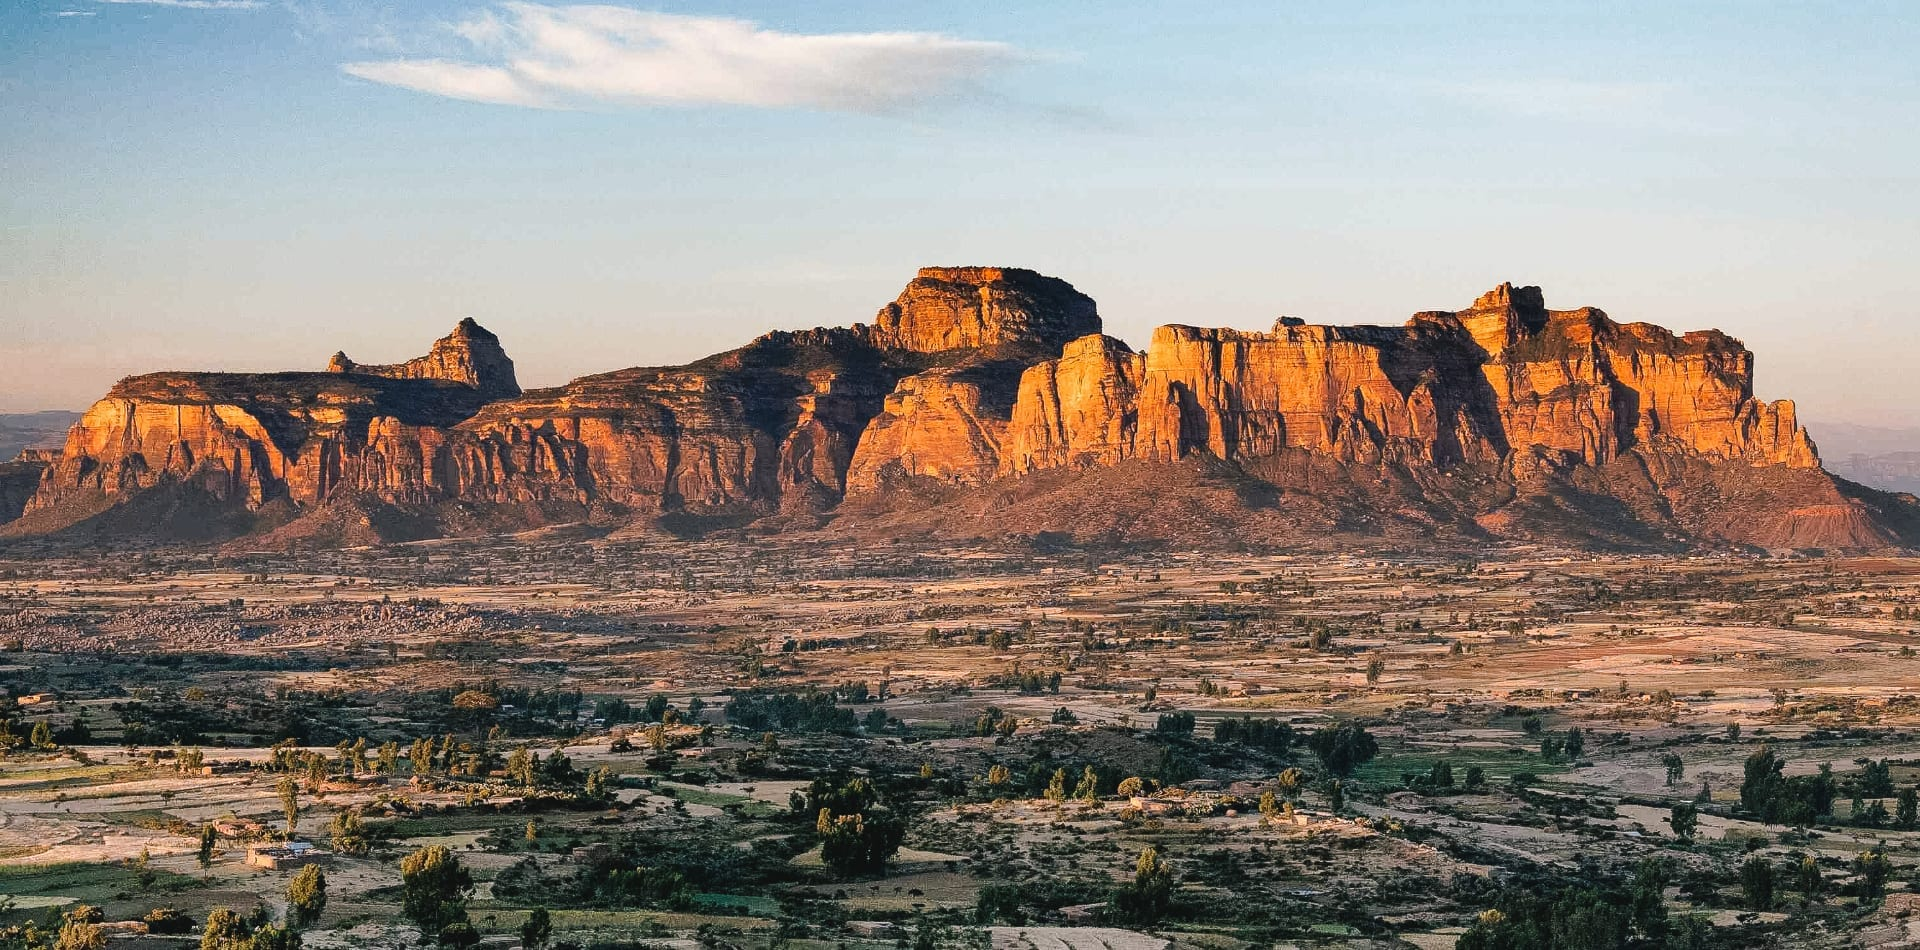 Gheralta Mountains in Ethiopia